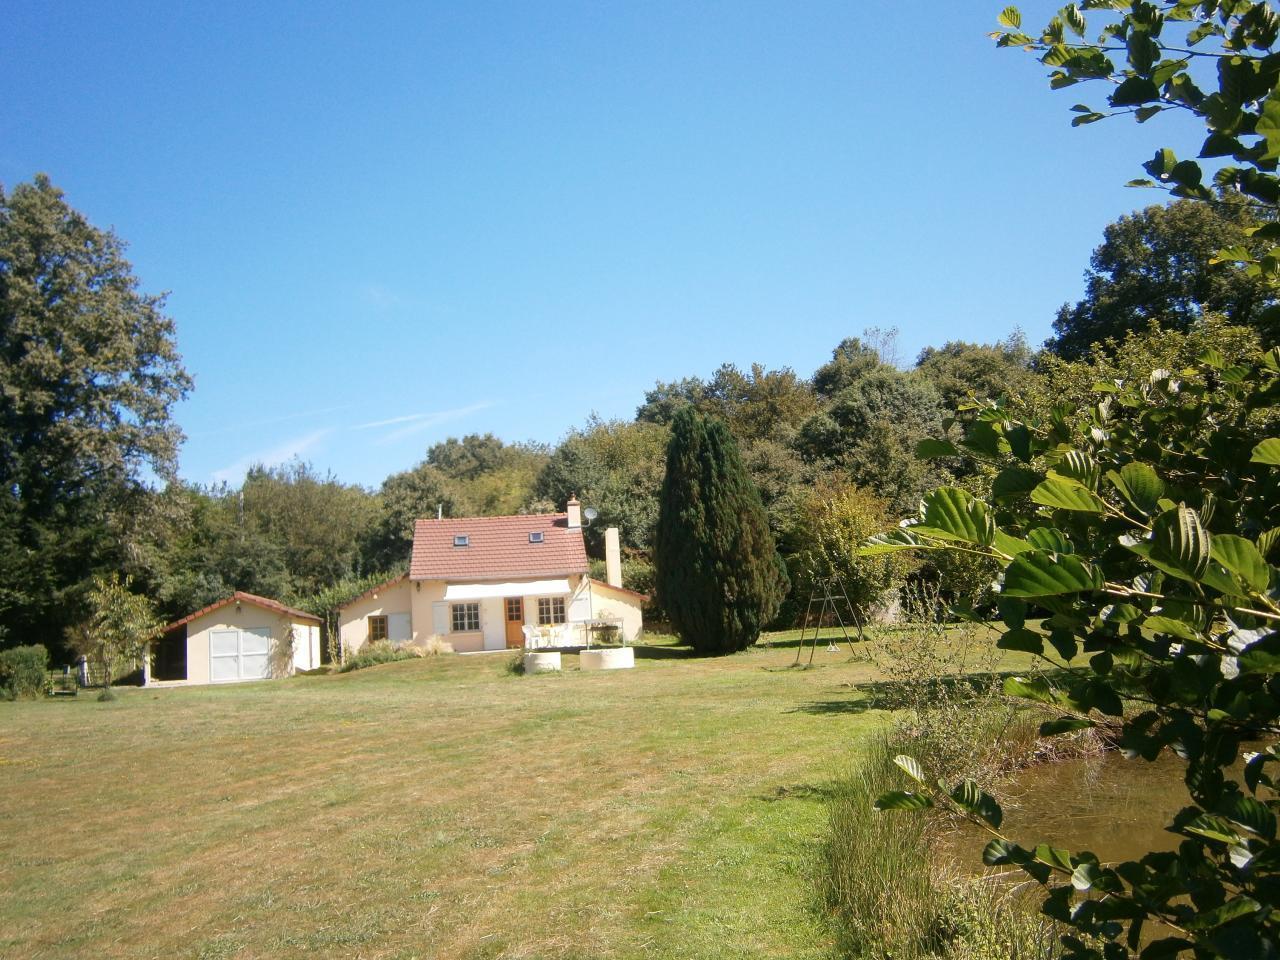 Ferienhaus La maison du garde chasse (2015213), Montceau les Mines, Saône-et-Loire, Burgund, Frankreich, Bild 17